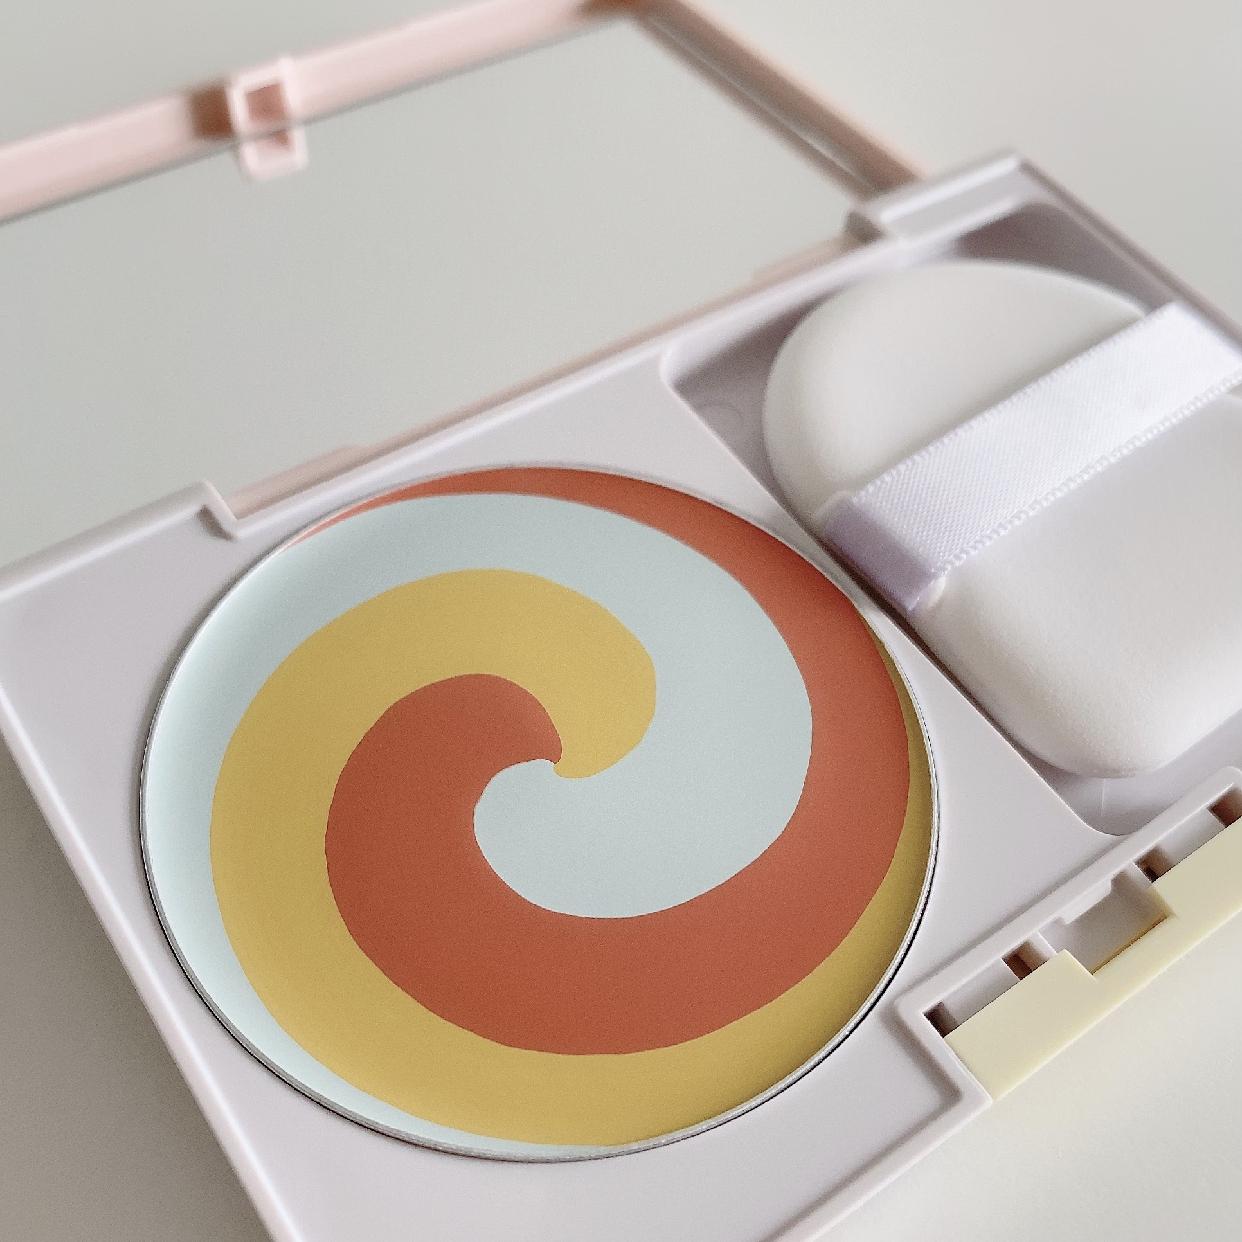 diem couleur(ディエムクルール)カラーブレンドコンシーリングパウダーを使ったスピリチュアルカウンセラーあいさんのクチコミ画像3